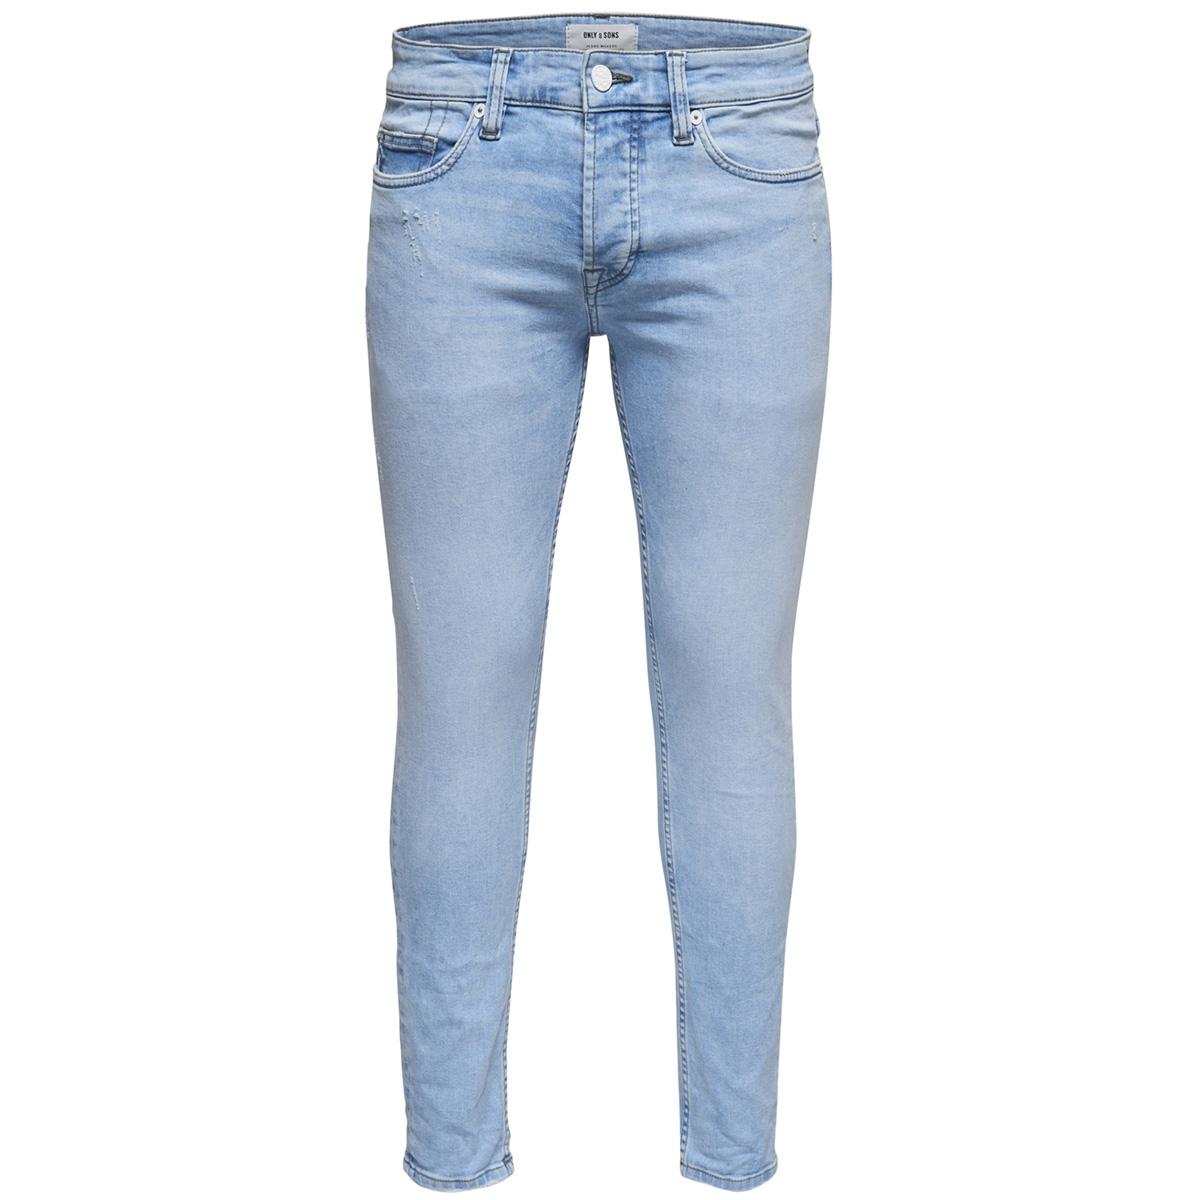 onsloom l blue dcc 2417 22012417 only & sons jeans blue denim